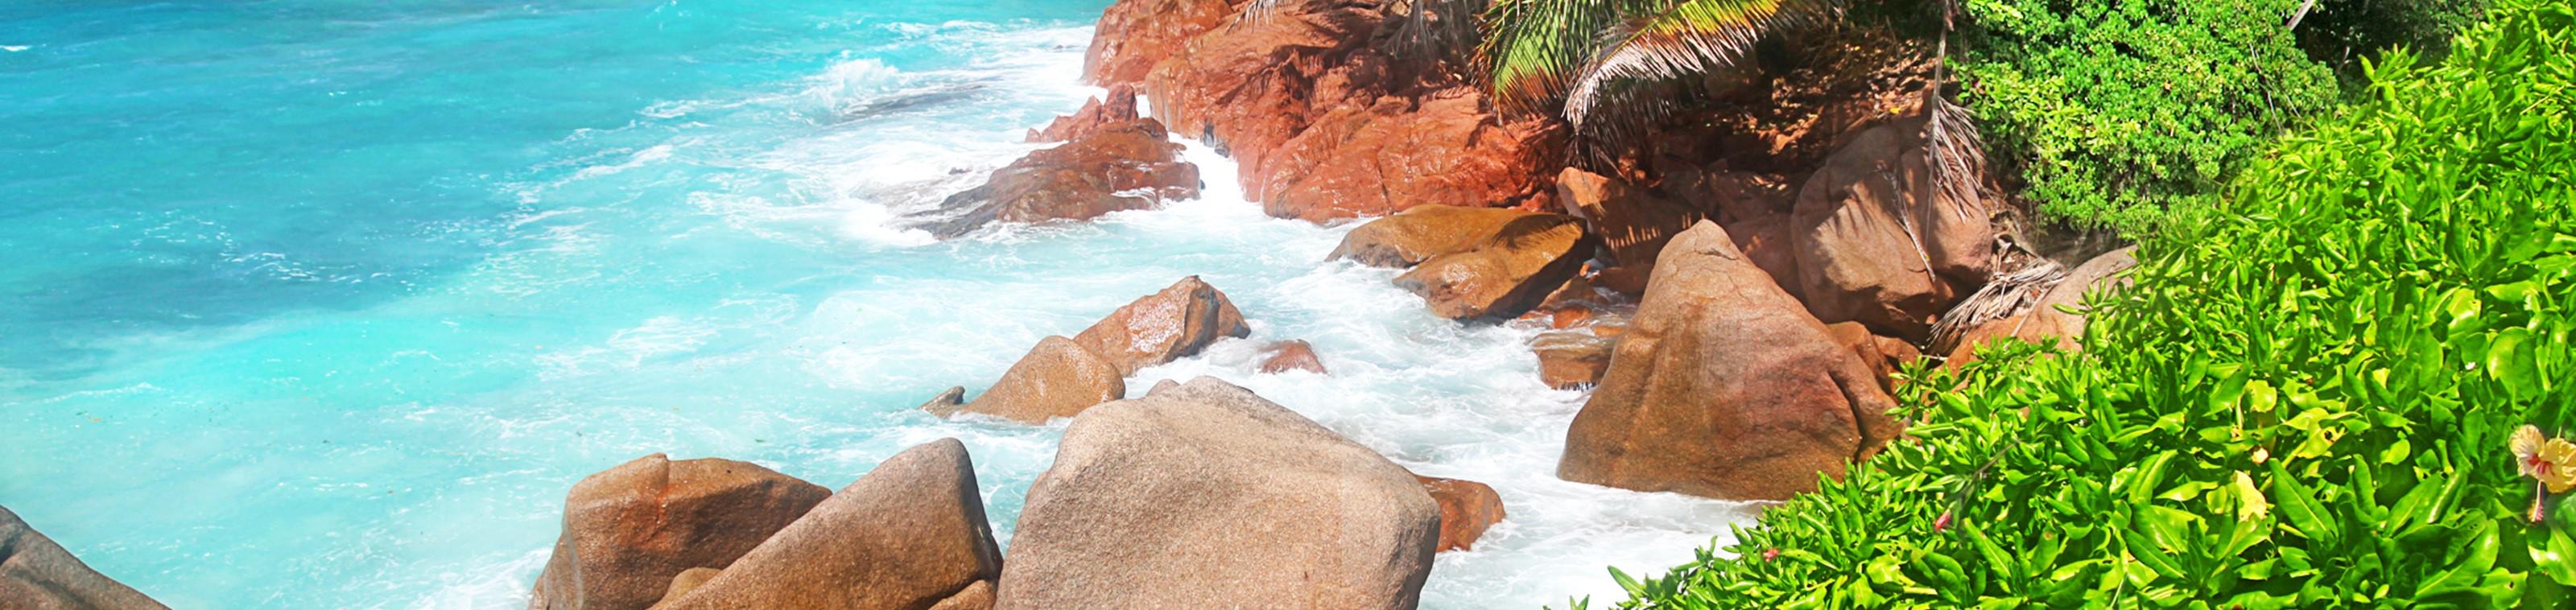 Begeleide cruise naar de Seychellen vanuit Tanzania